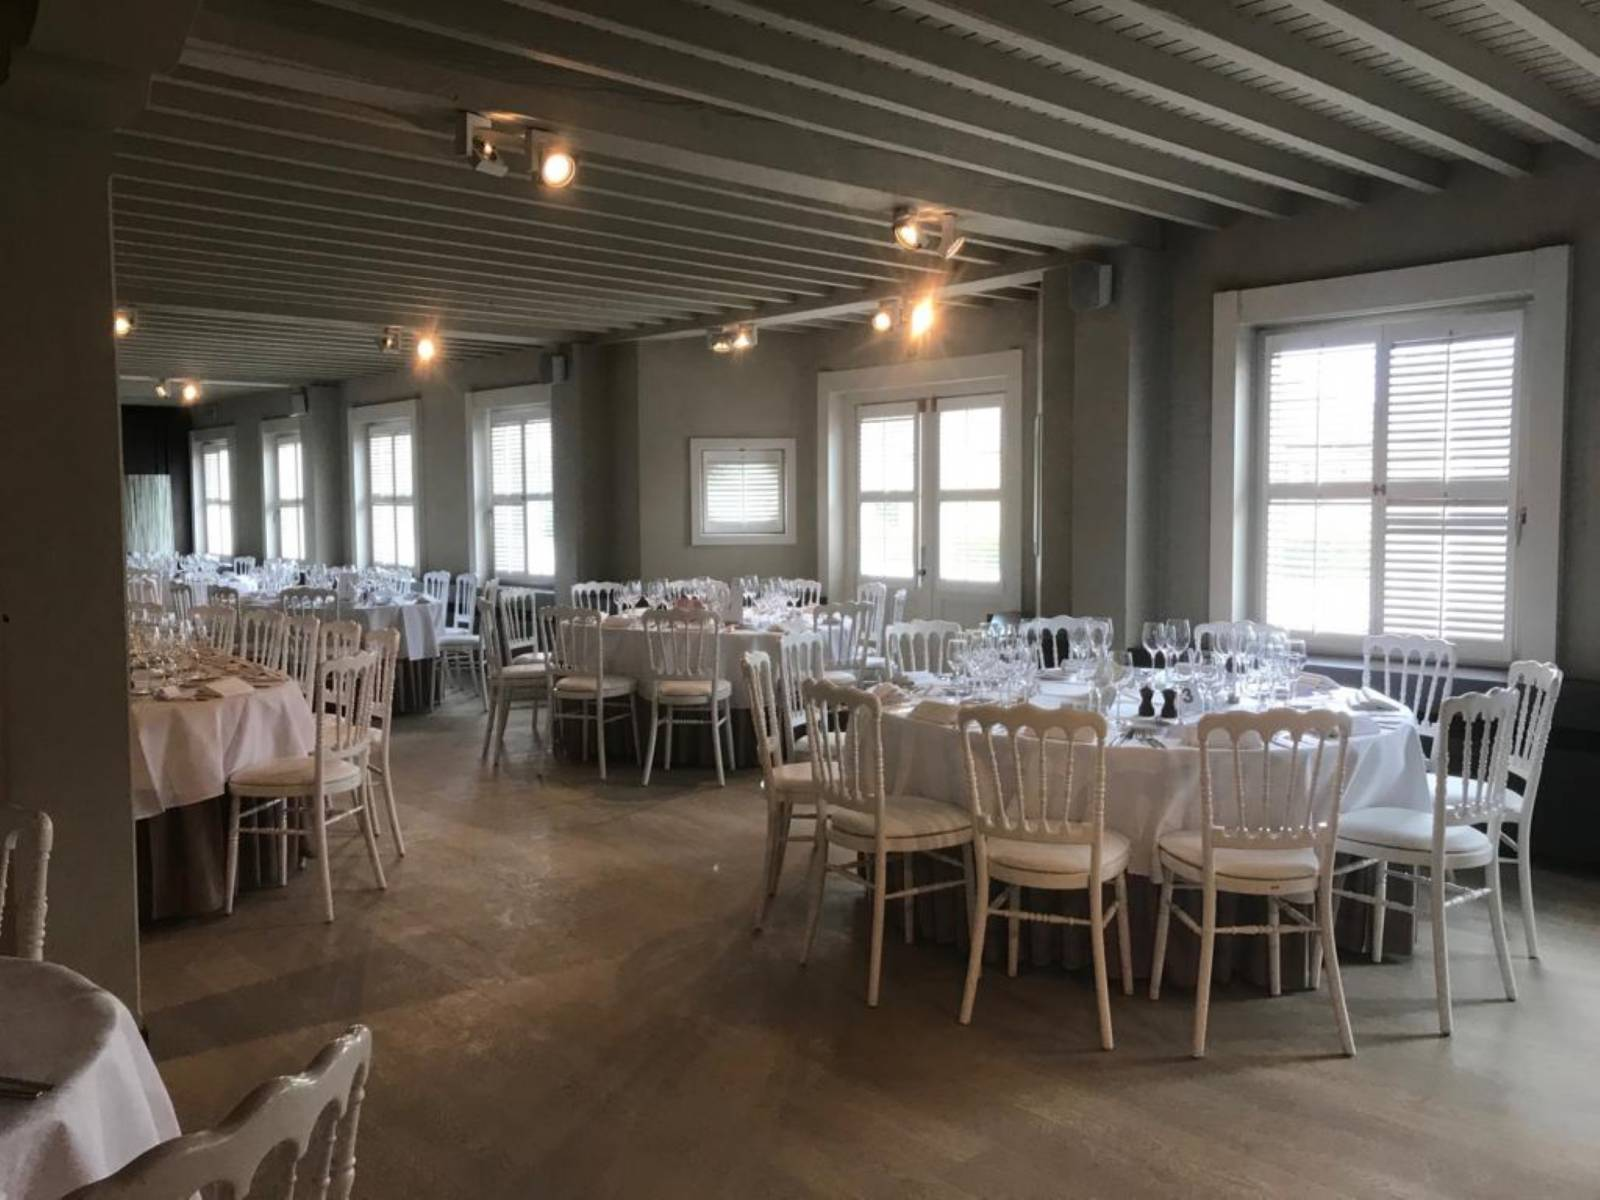 Feestzaal - Klokhof - House of Weddings (2)